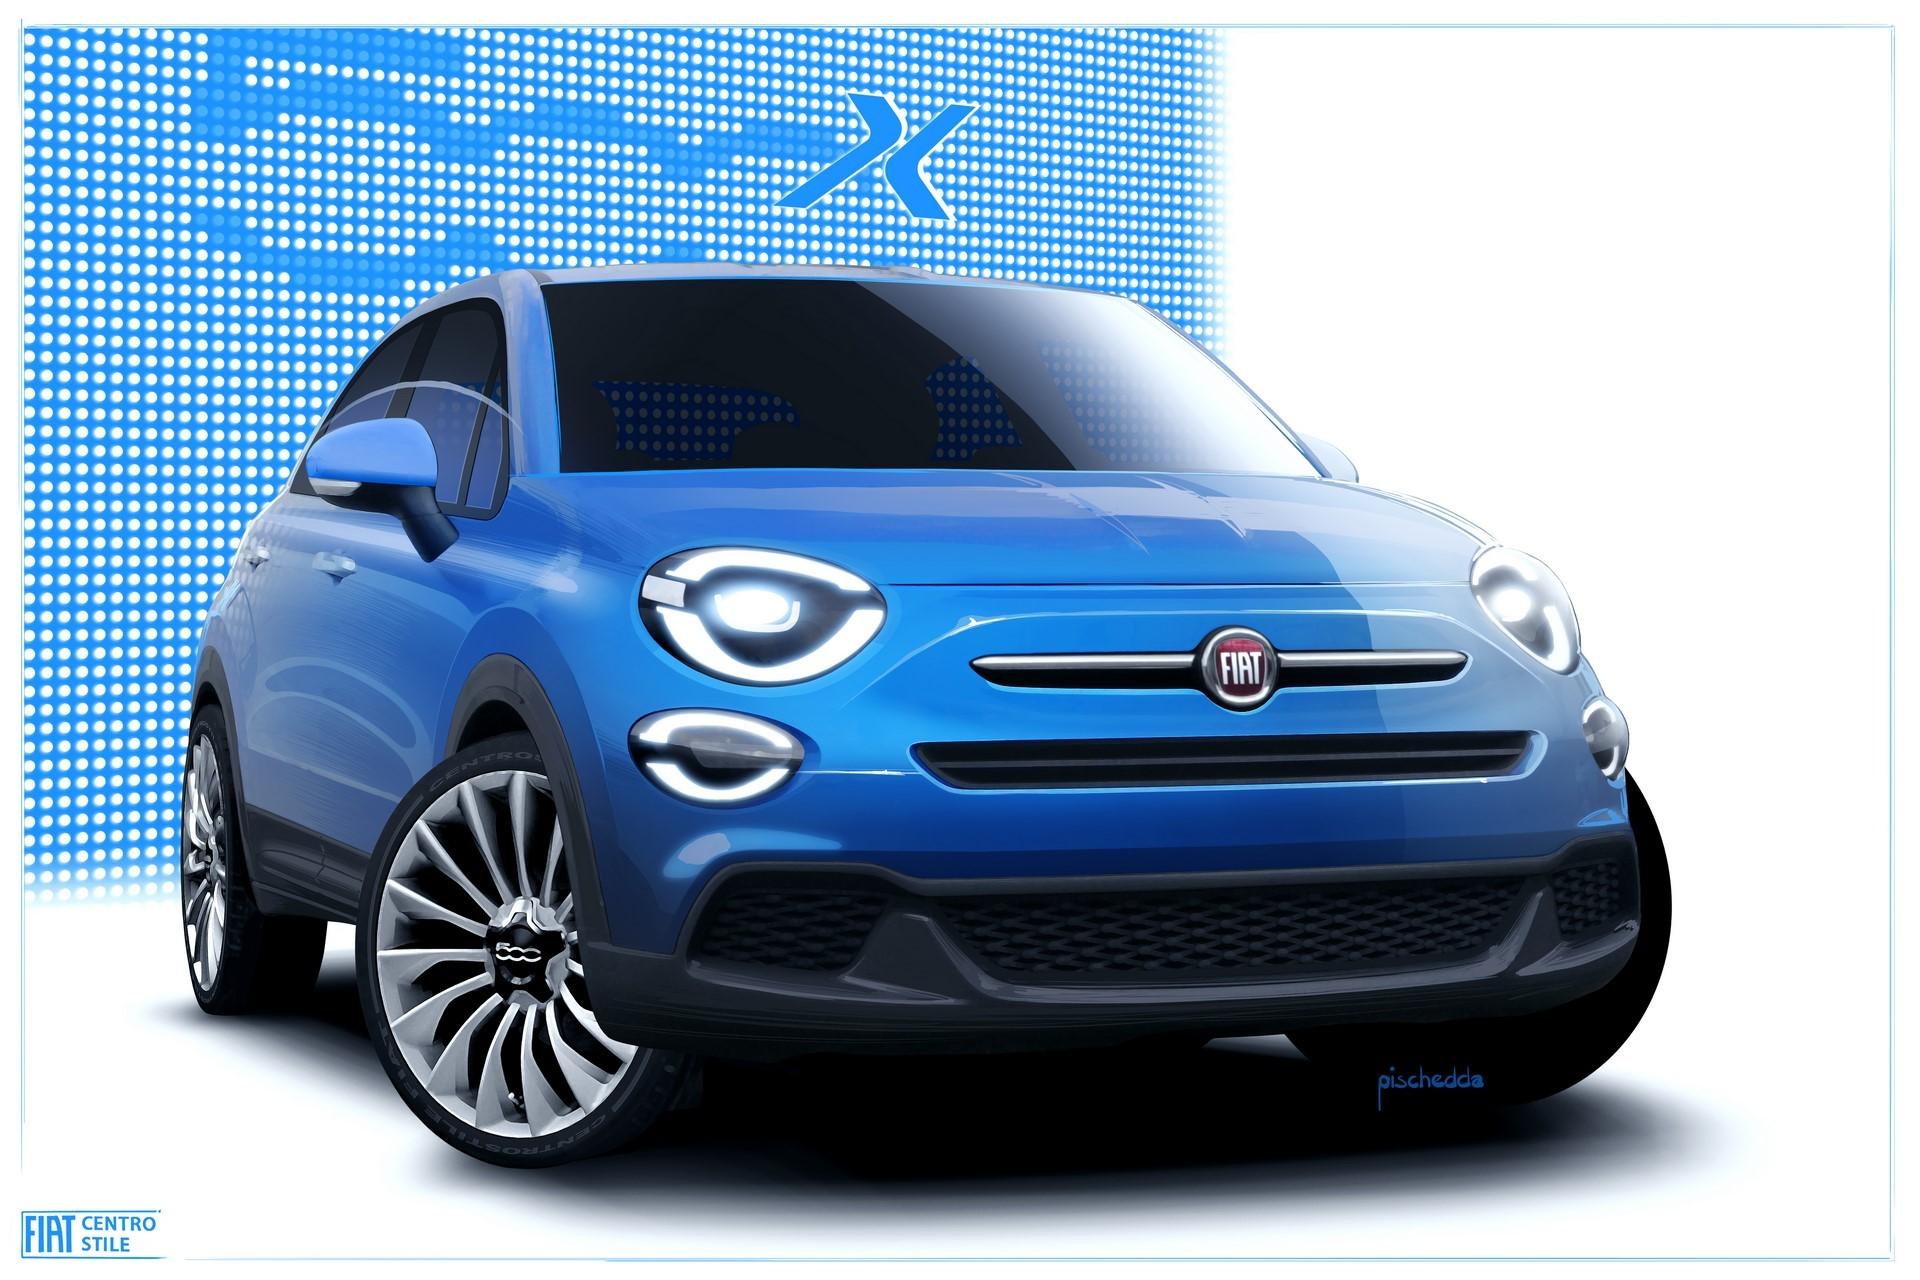 180828_Fiat_New-500X-sketch_10